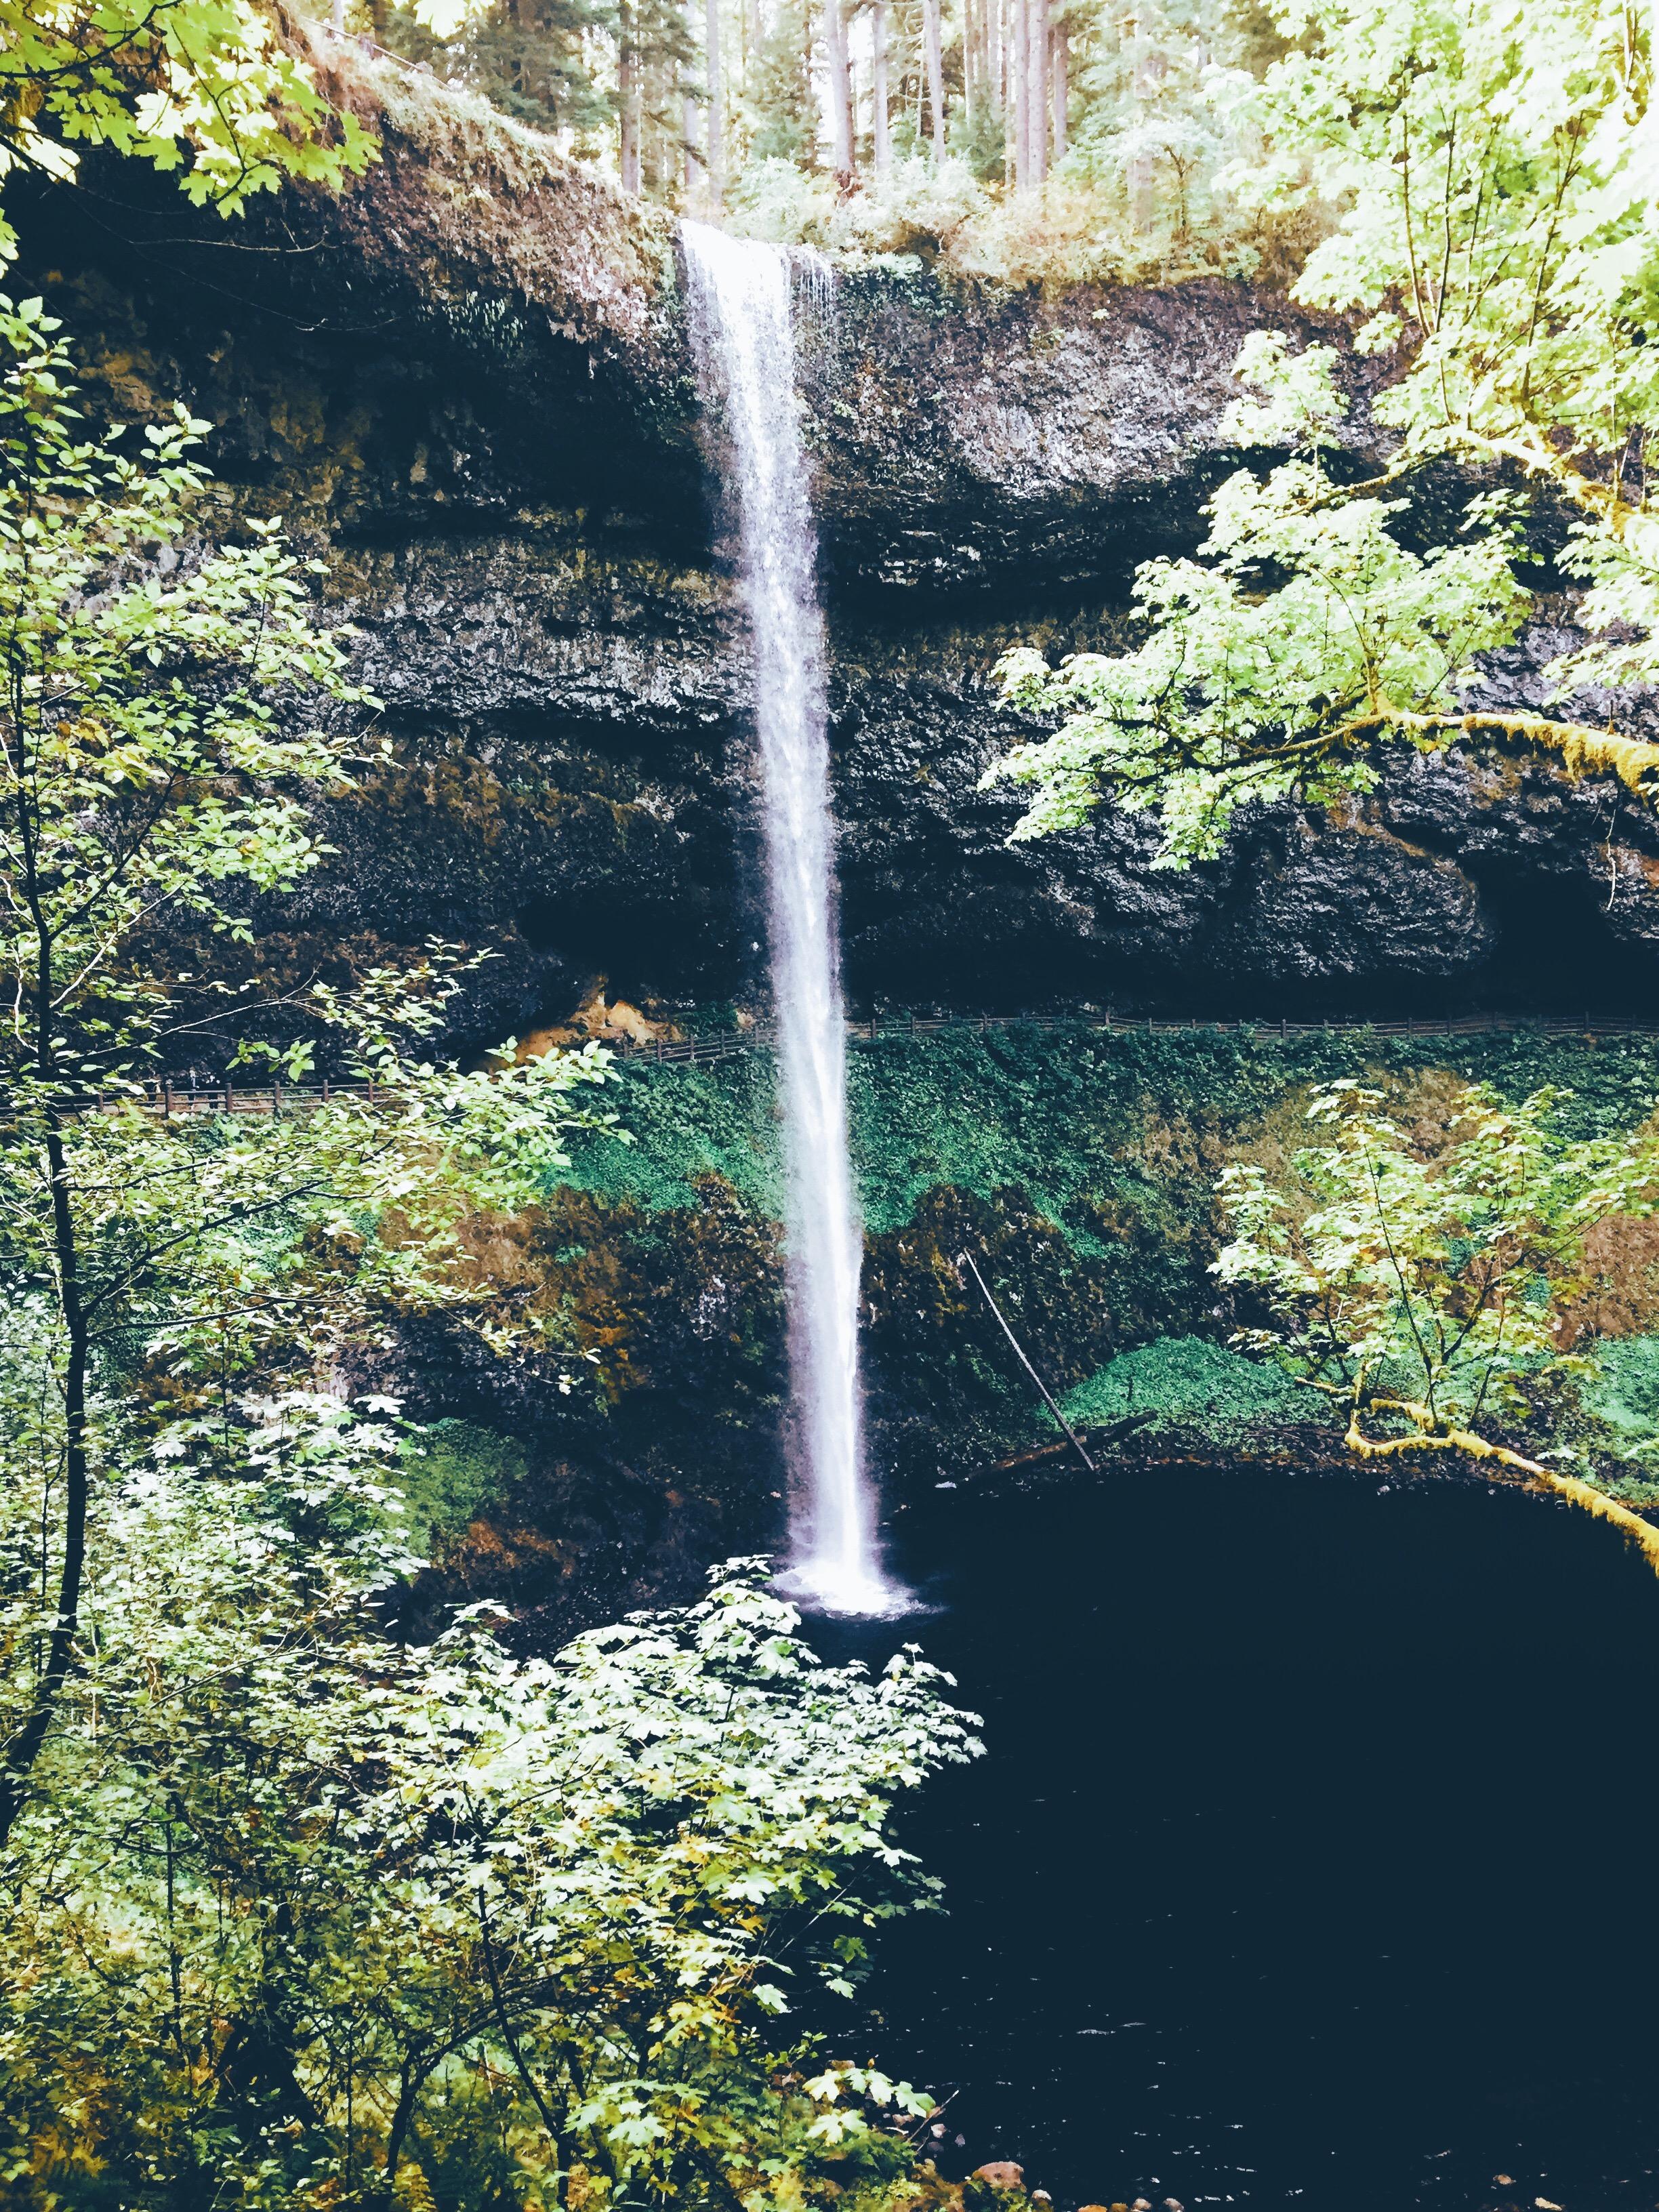 thousand waterfalls in Oregon